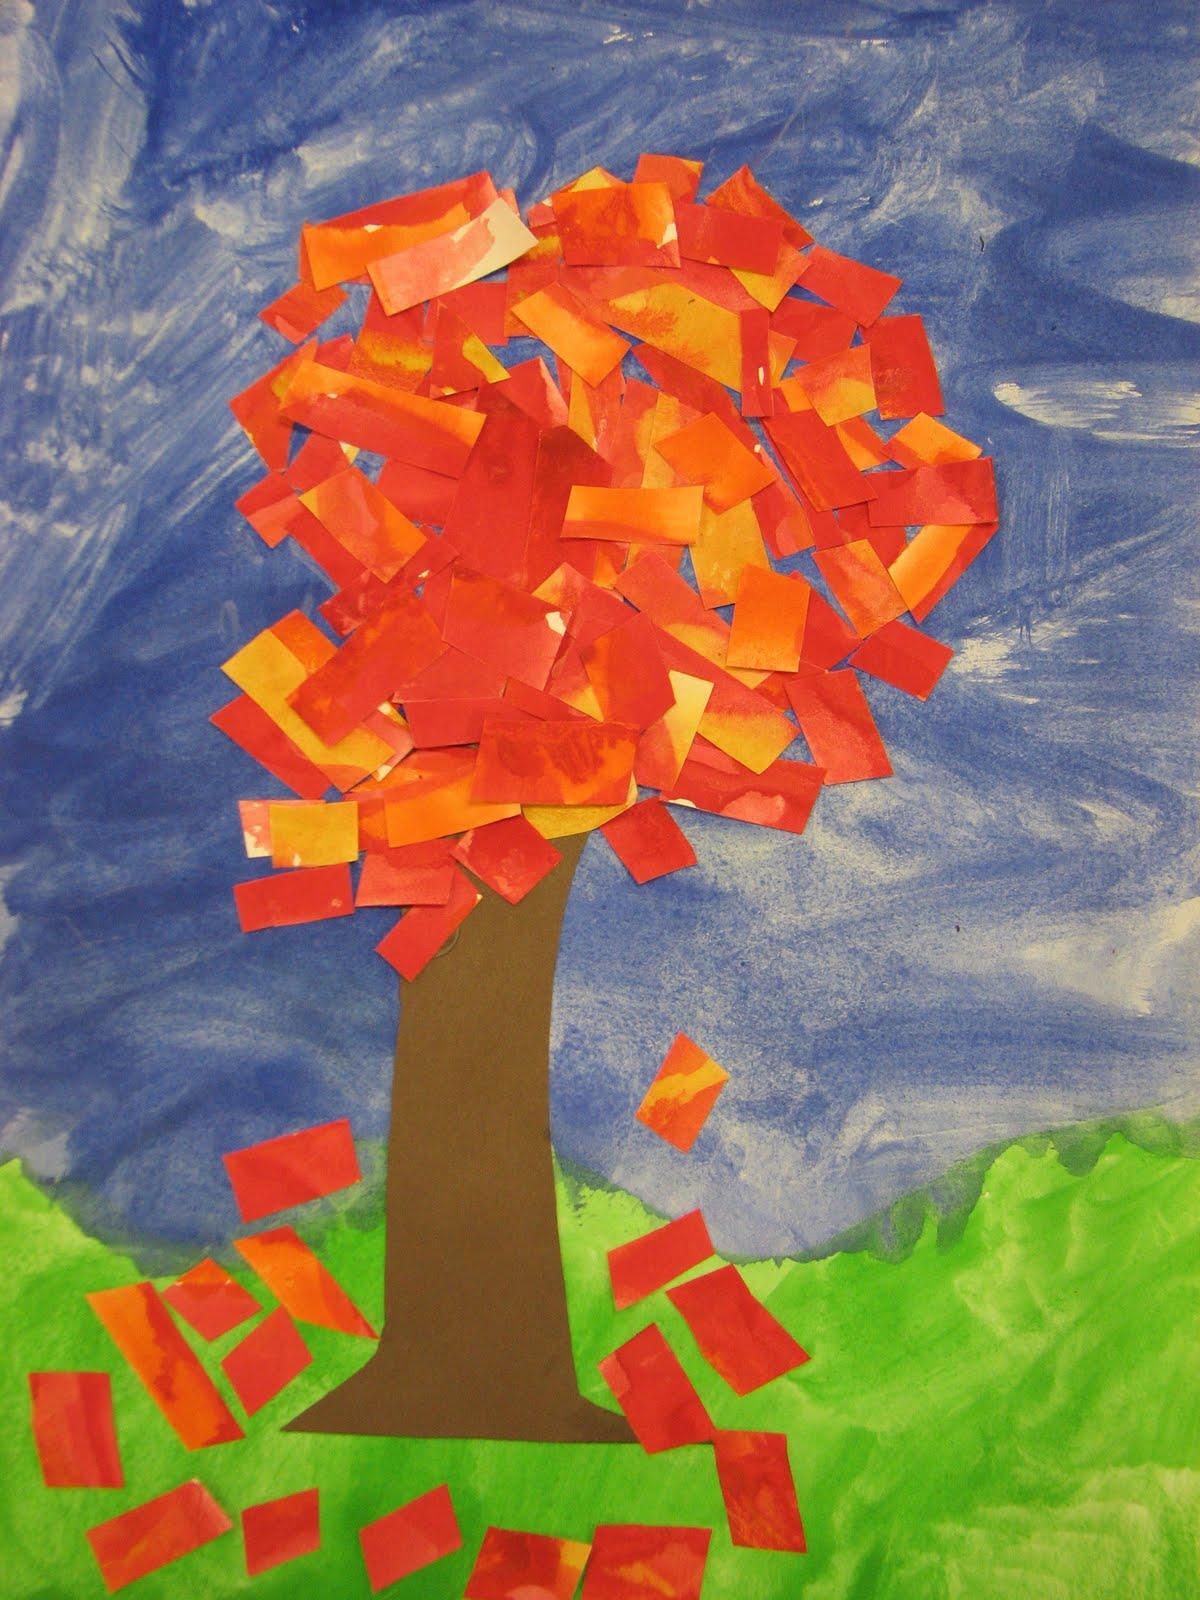 http://1.bp.blogspot.com/_BV2rV3510wo/TLdewb9O1oI/AAAAAAAAACk/axZIS-r7cpo/s1600/artwork+2010+018.jpg